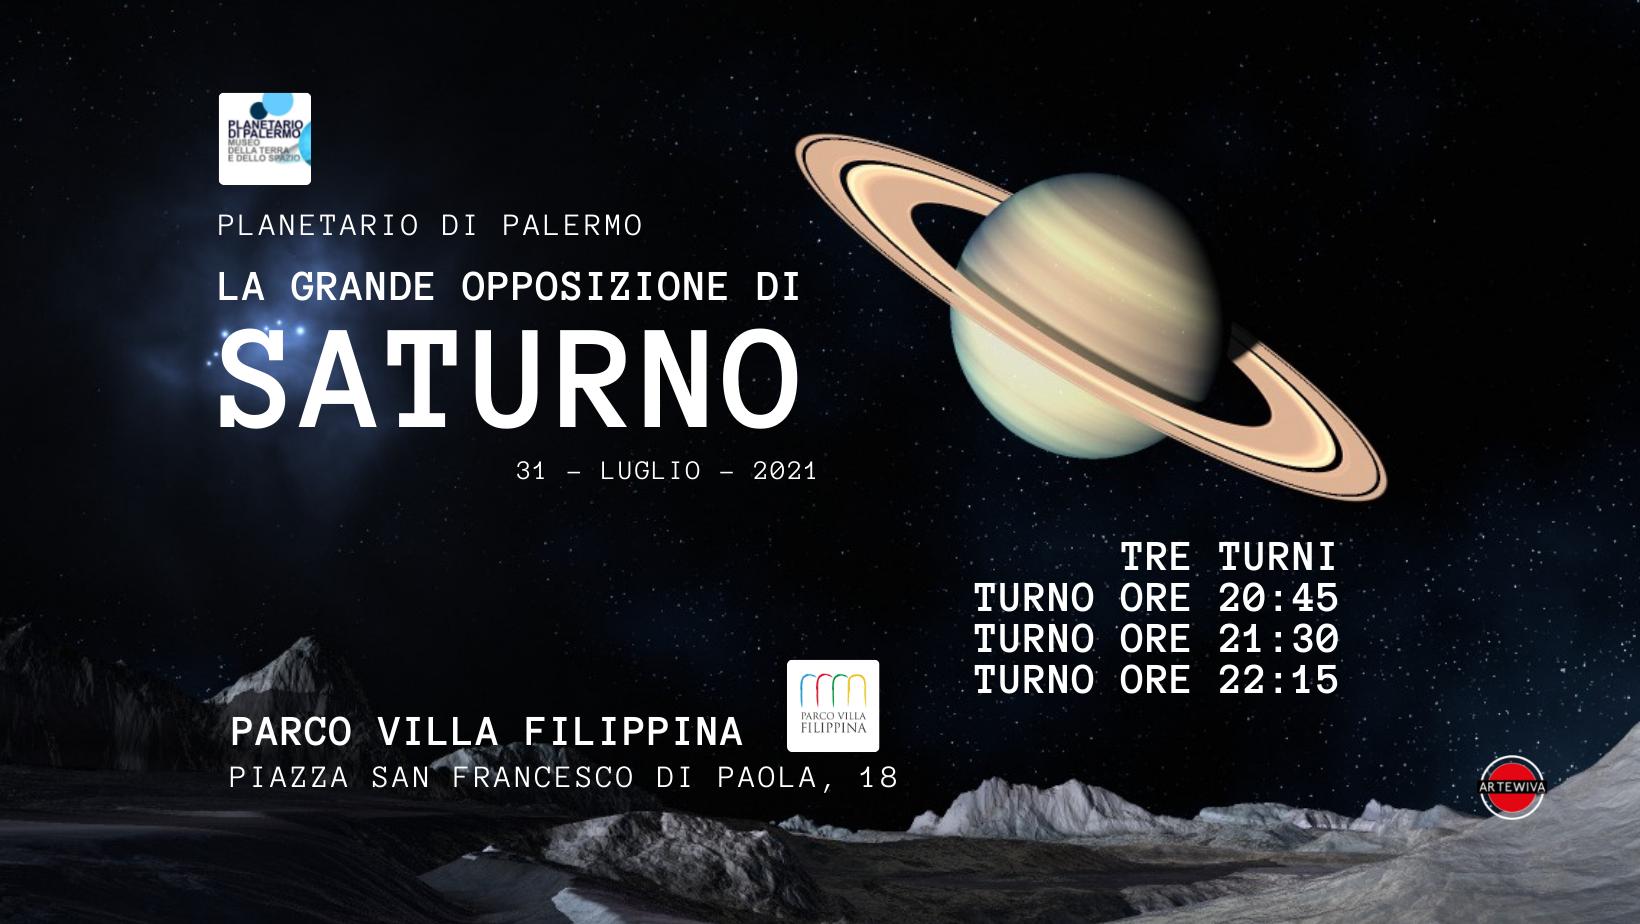 La grande opposizione di Saturno 2021 – TURNO 20:45